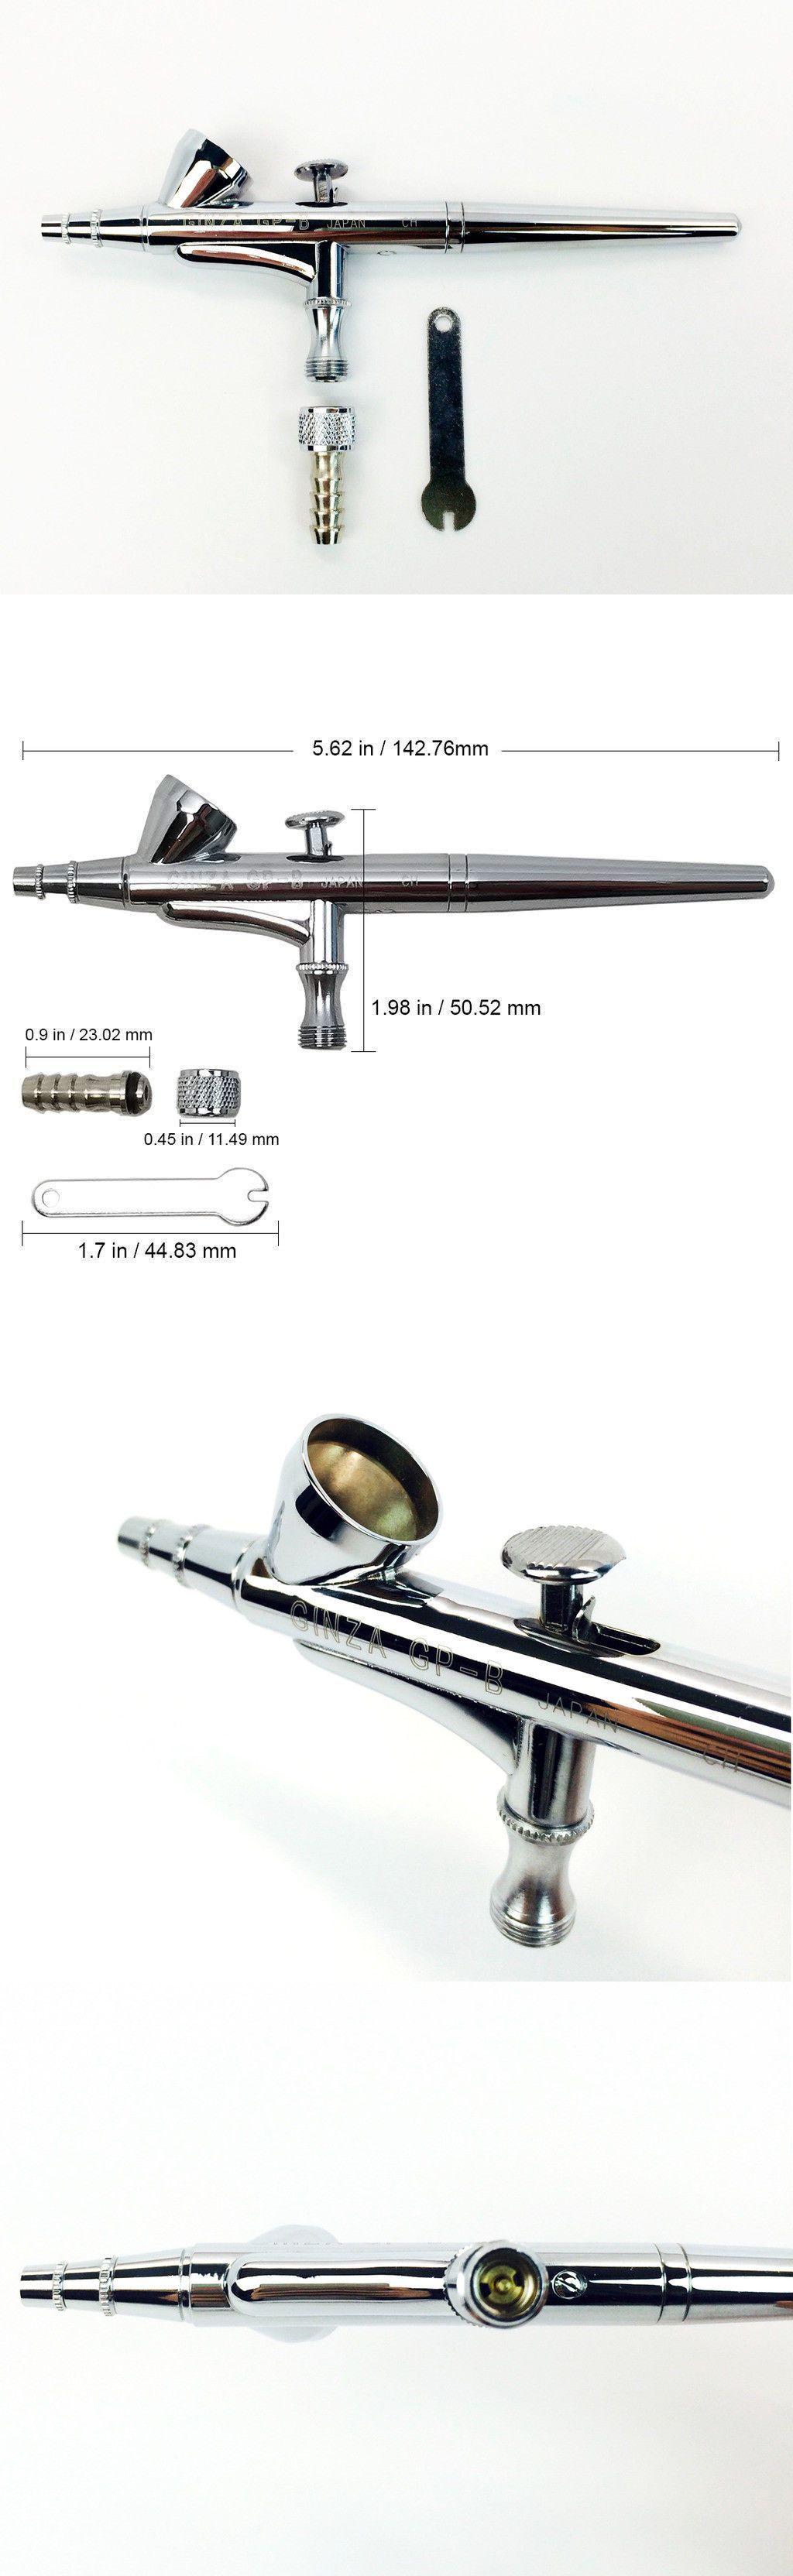 Airbrush Parts 183093: Japan Ginza Hp Br Dual Action